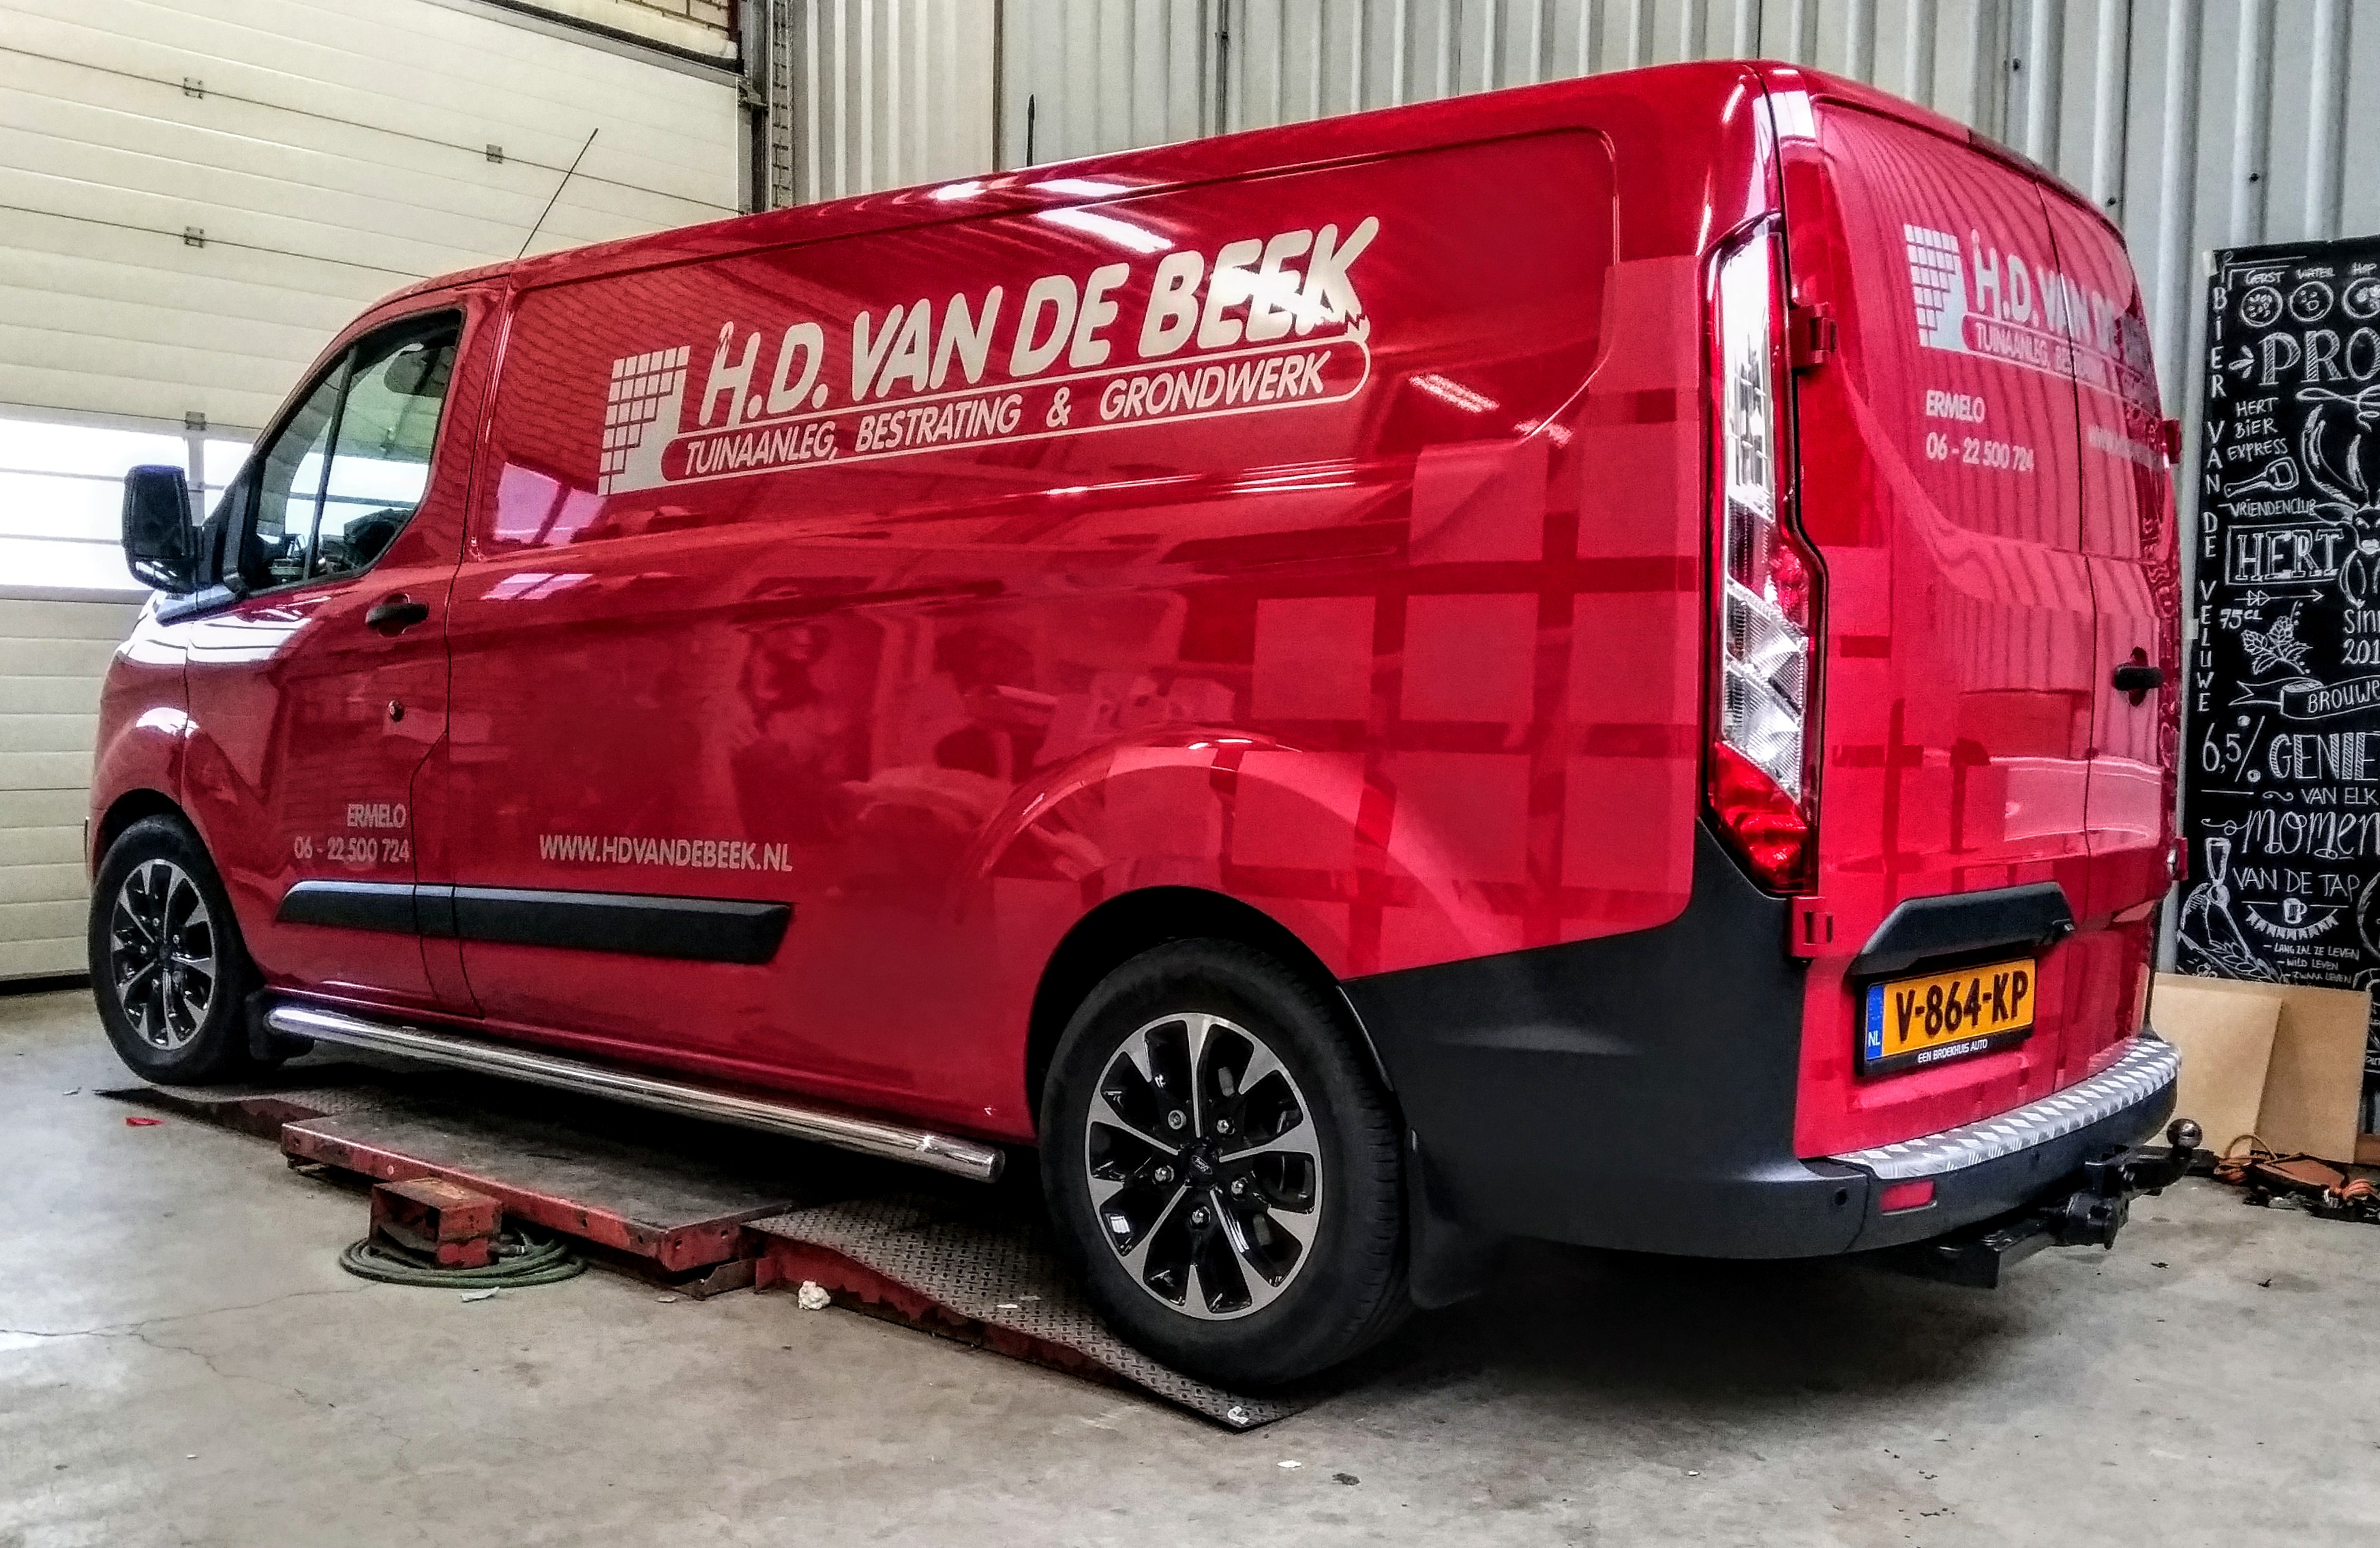 H.D. van Beek